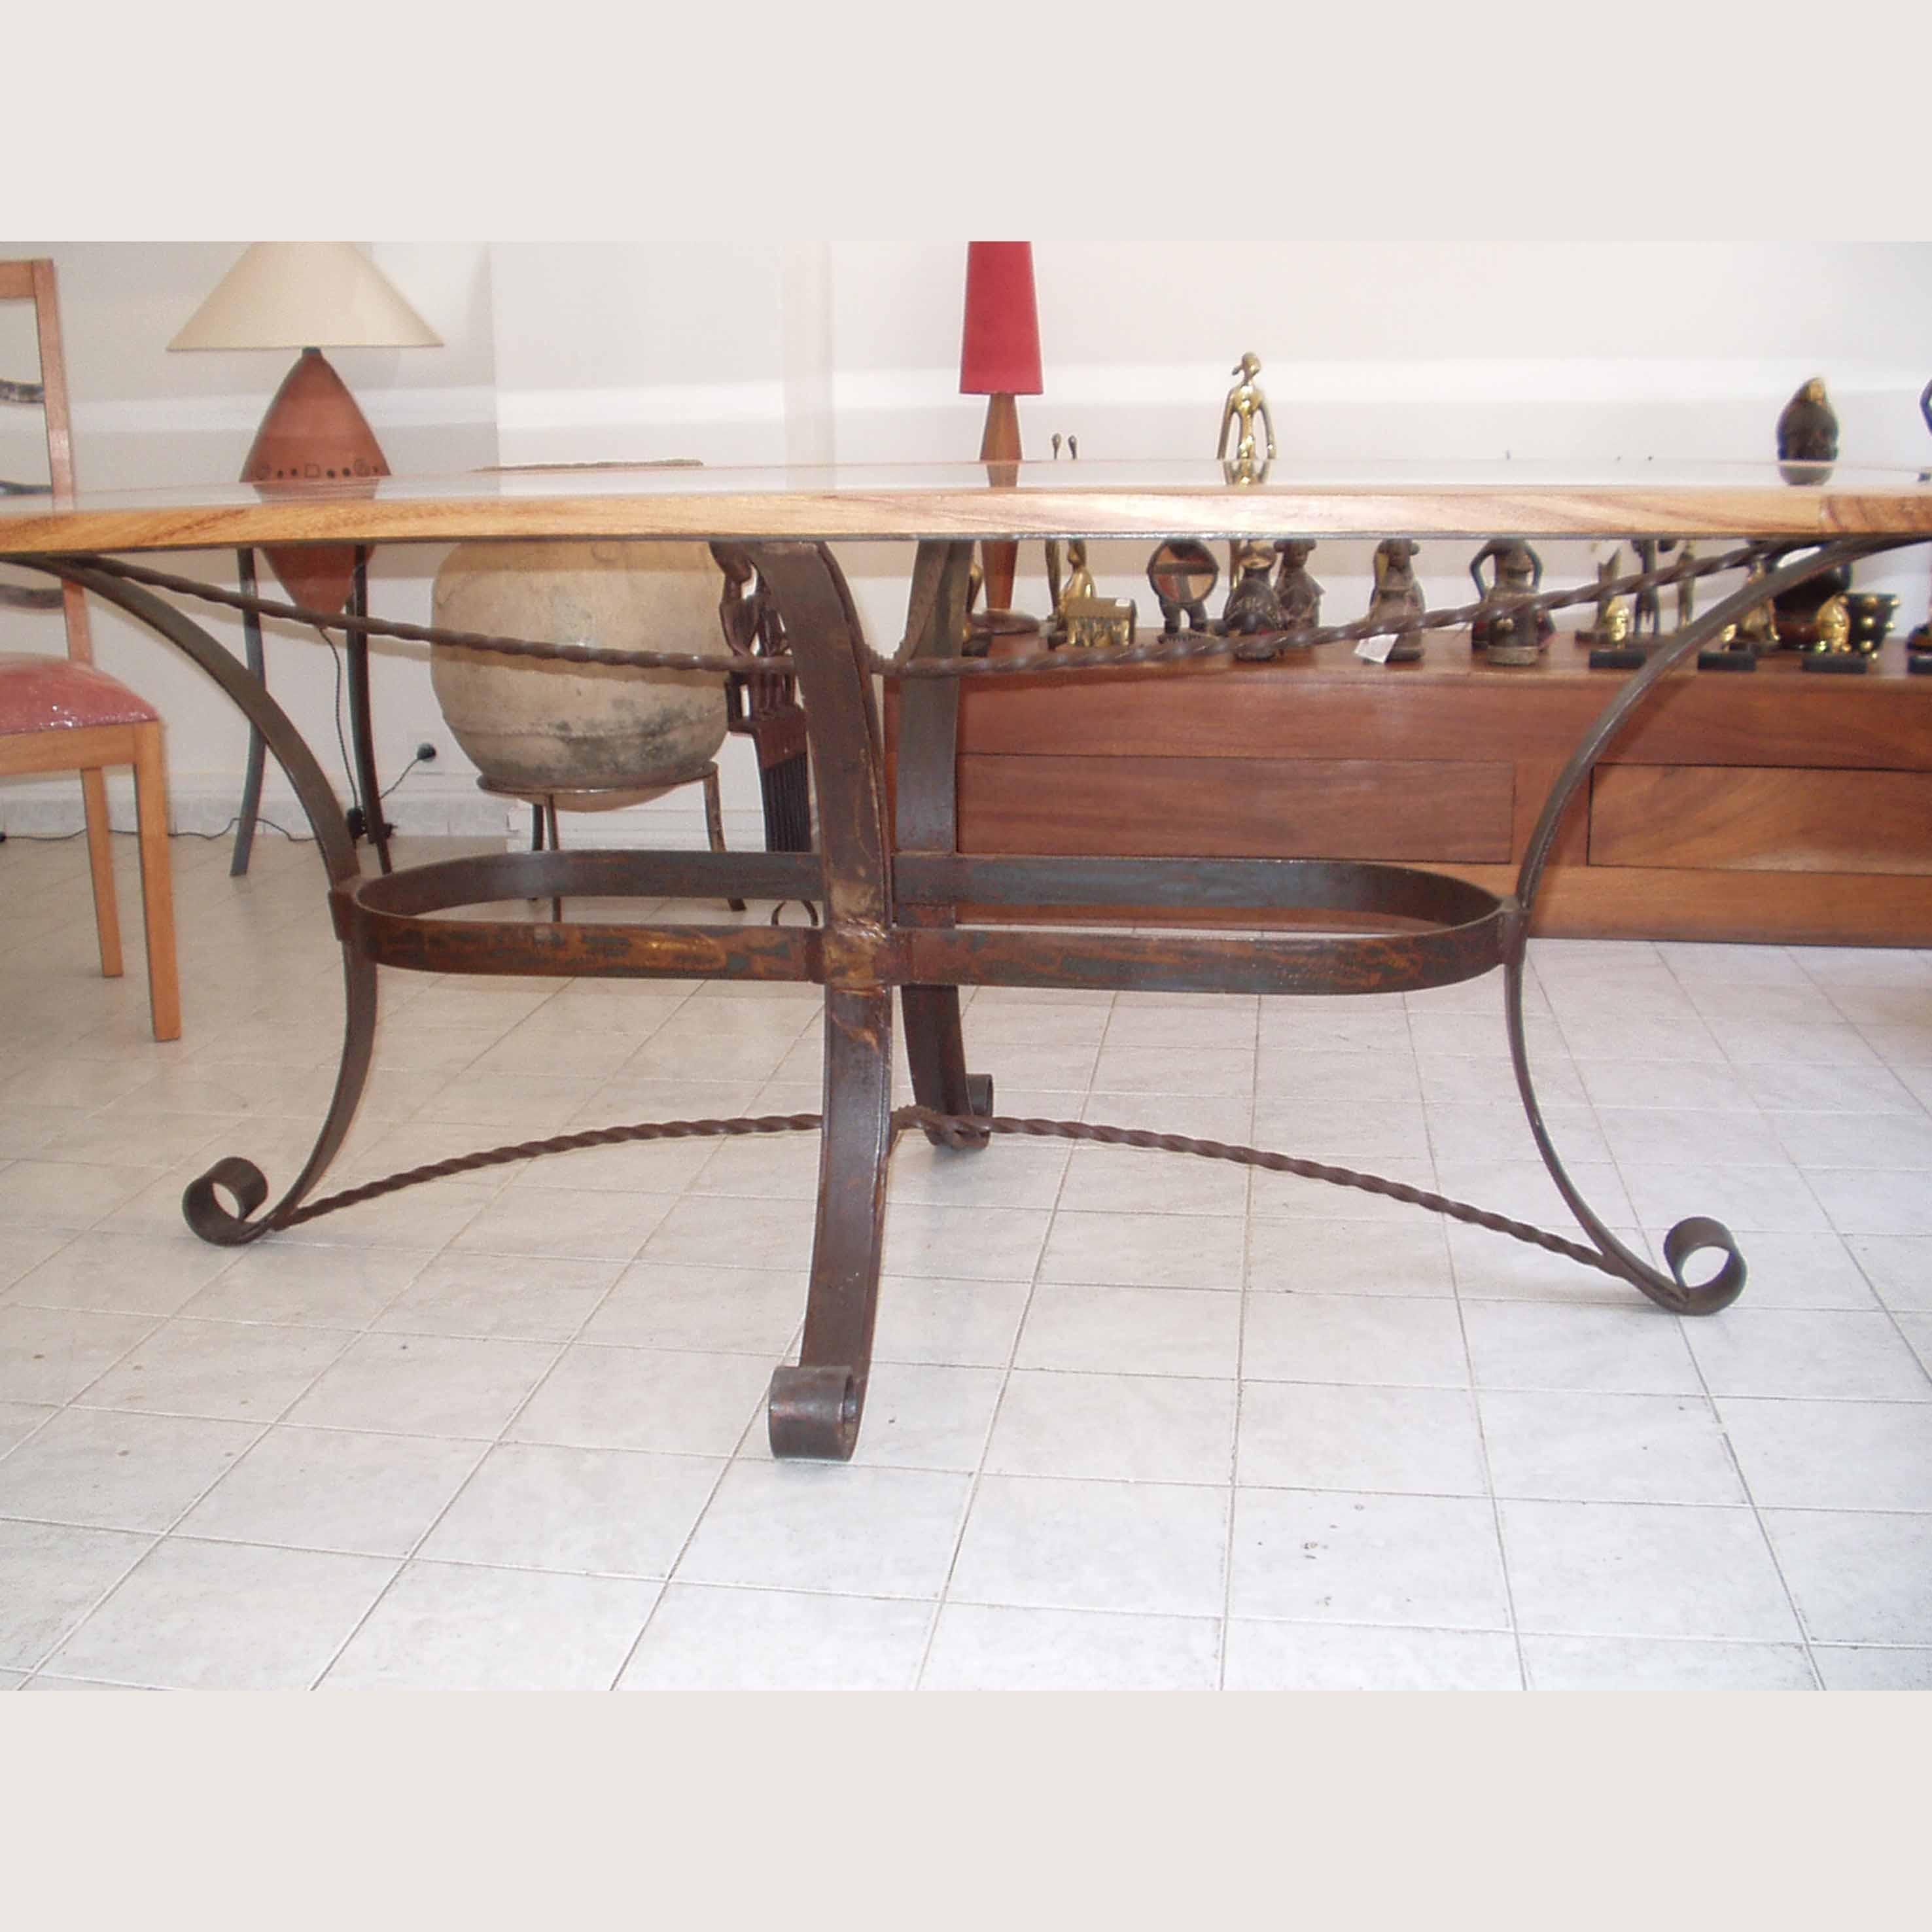 Table salle manger et chaises galerie arte for Chaise fer et bois